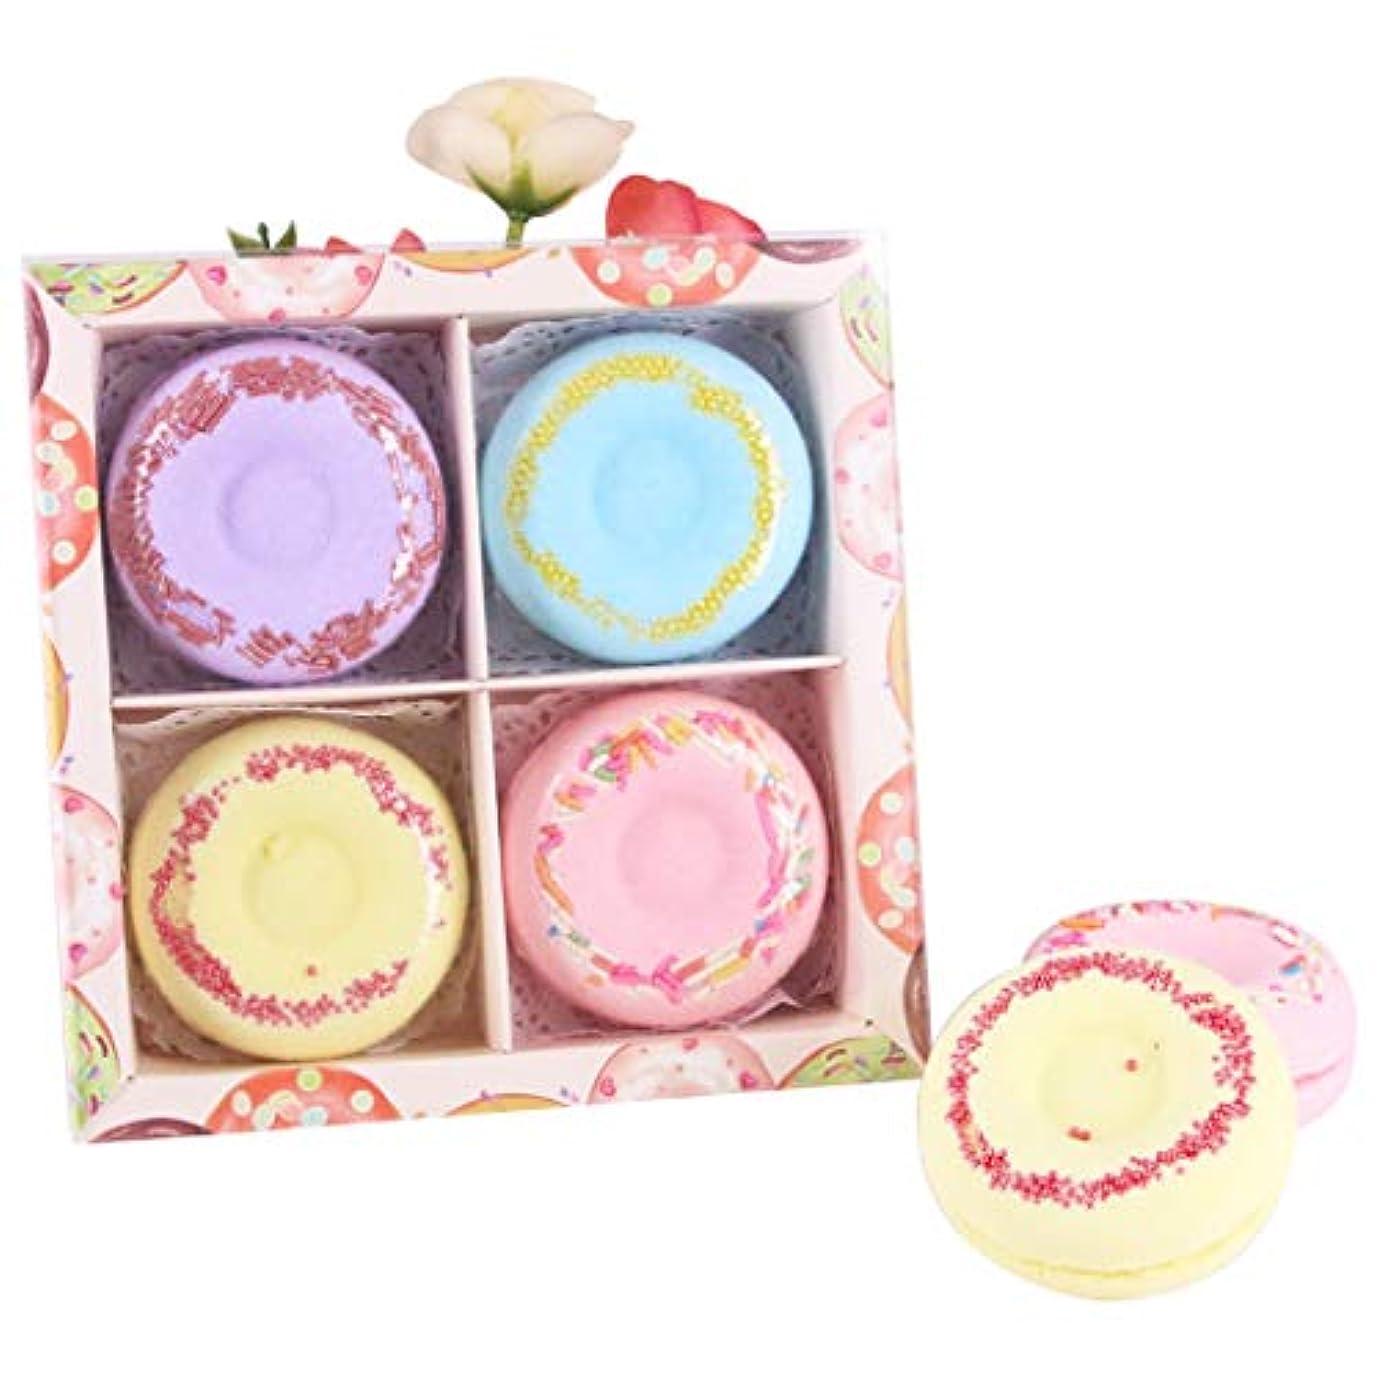 倒錯鋼ハブFunpa 4枚セット 入浴剤 入浴ボール ドーナツ型 可愛い 精油 香り残す バレンタインデー 彼女のプレゼント お風呂用